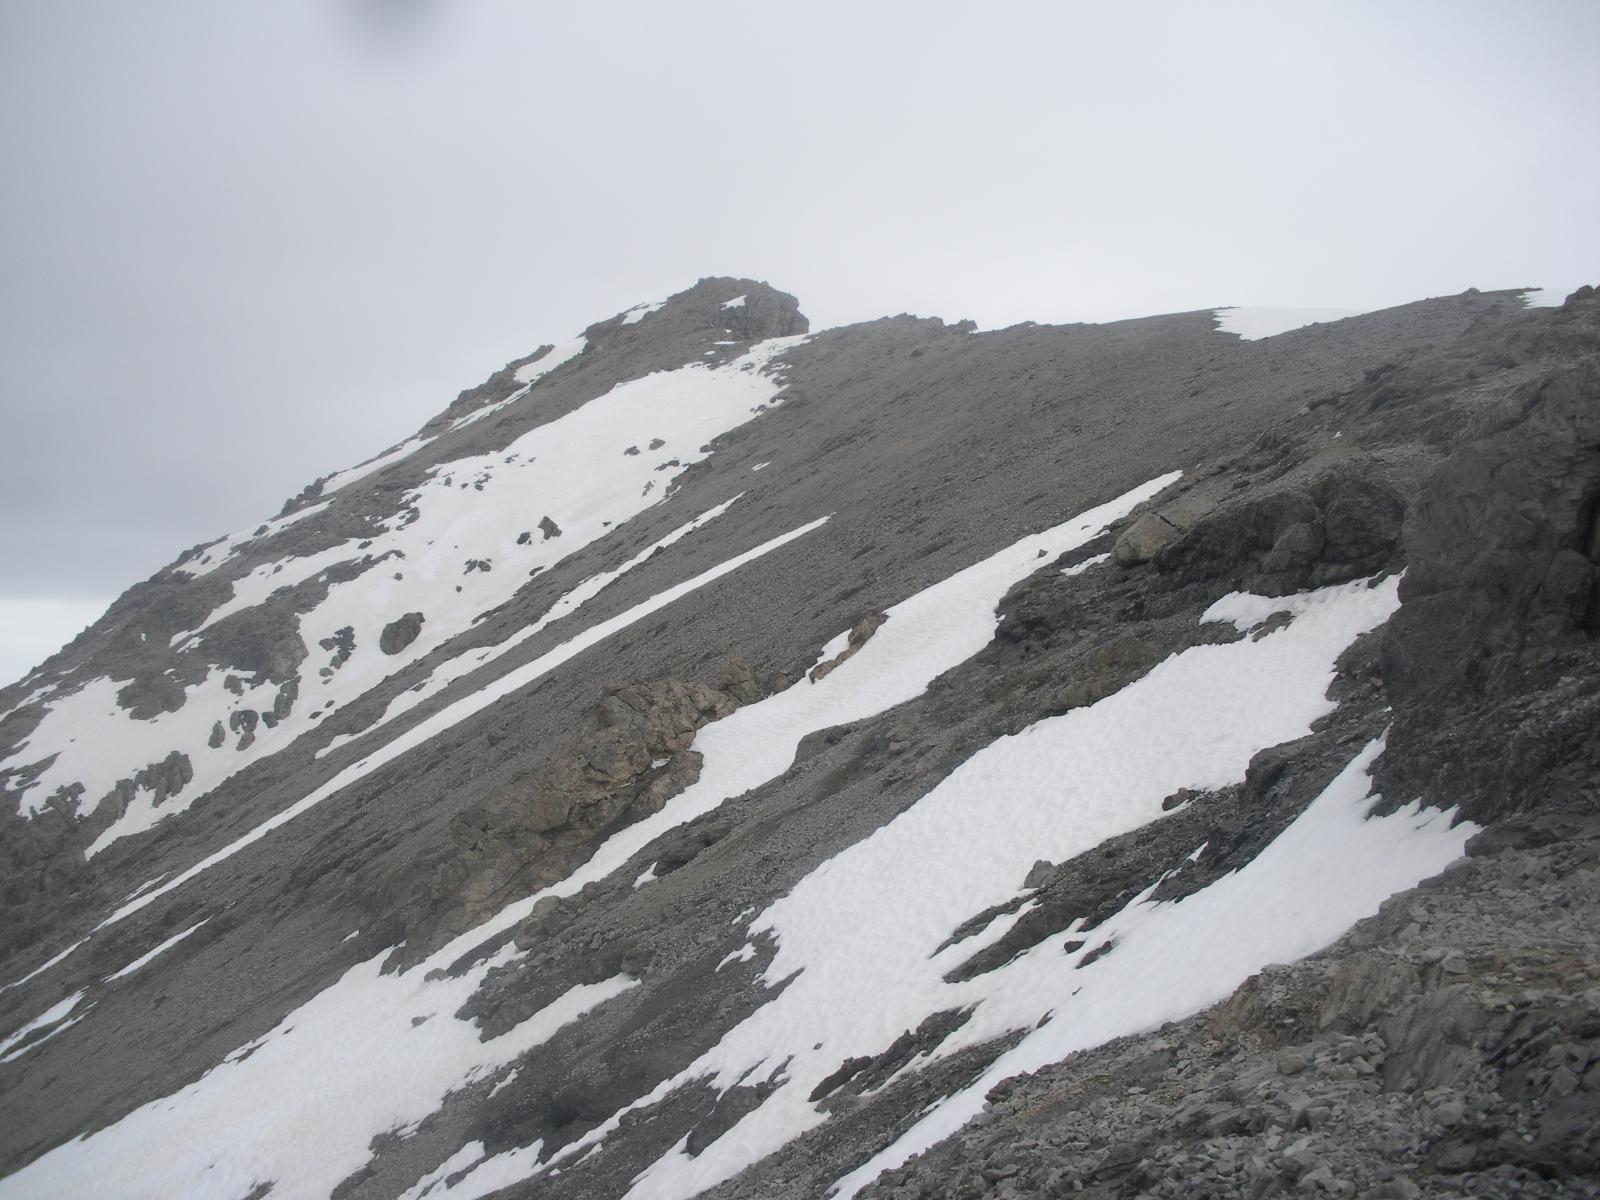 Portare gli sci qui', non conviene ormai piu'..